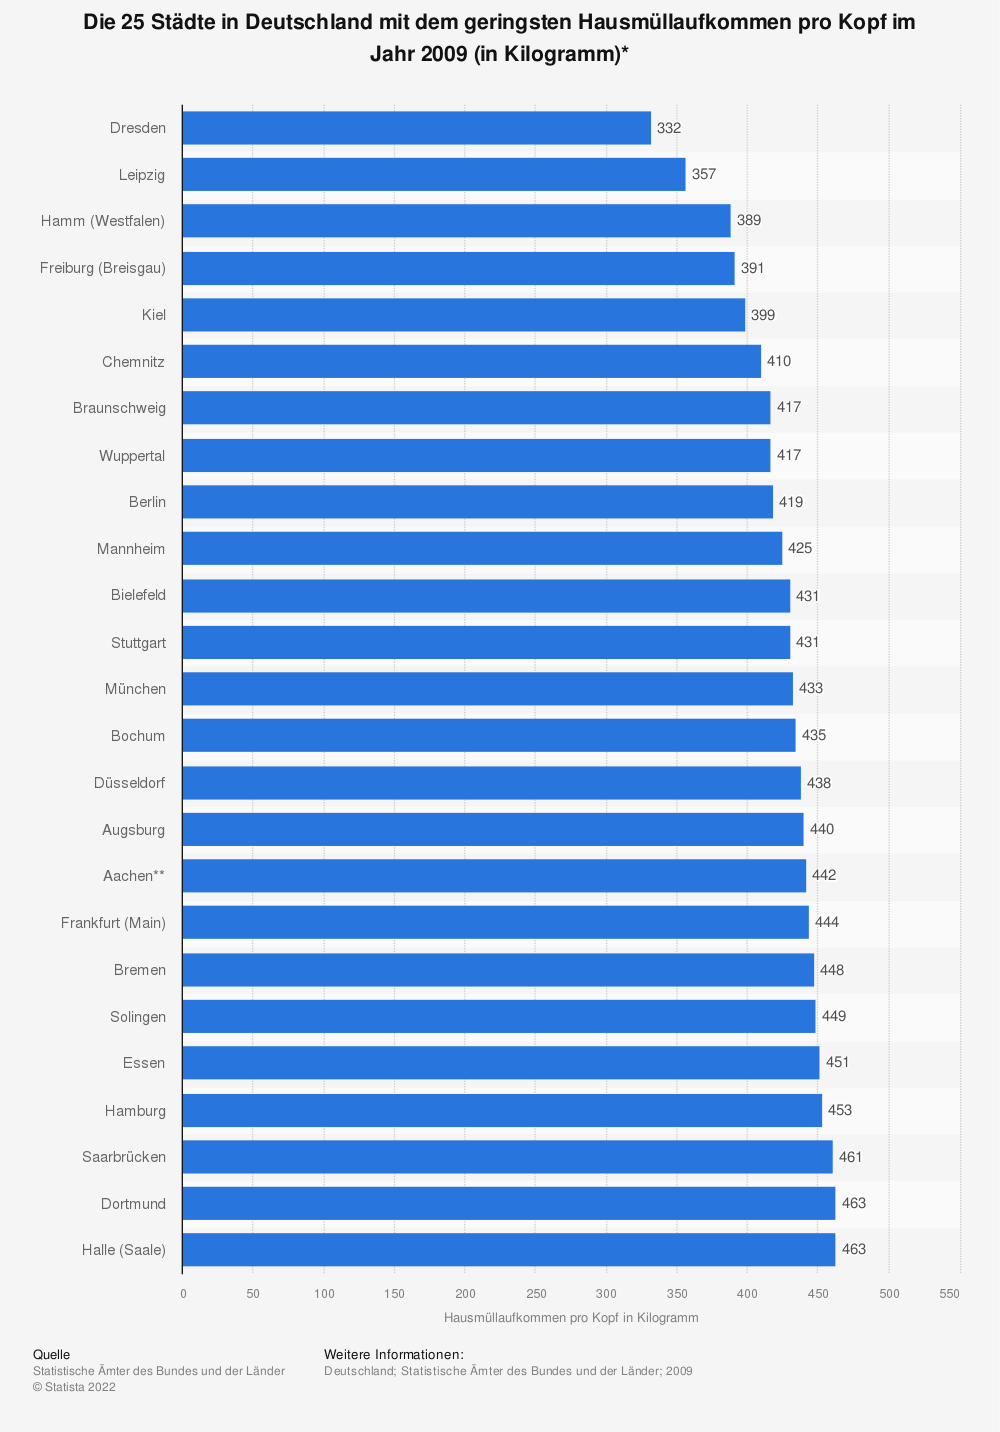 Statistik: Die 25 Städte in Deutschland mit dem geringsten Hausmüllaufkommen pro Kopf im Jahr 2009 (in Kilogramm)* | Statista